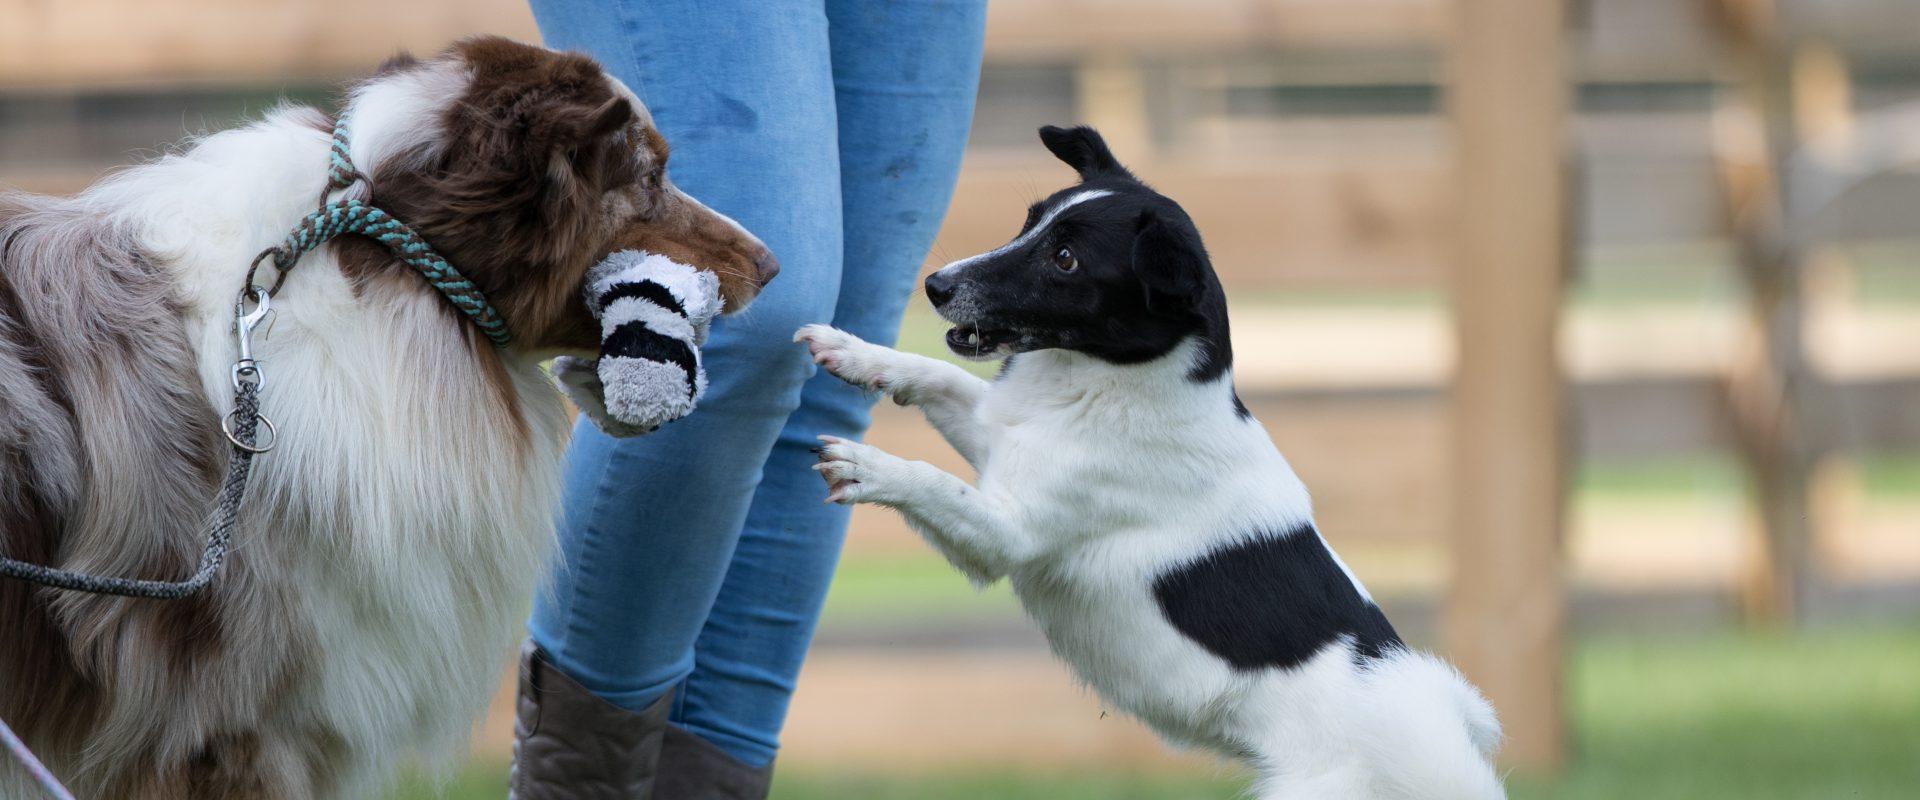 Dogs Focus